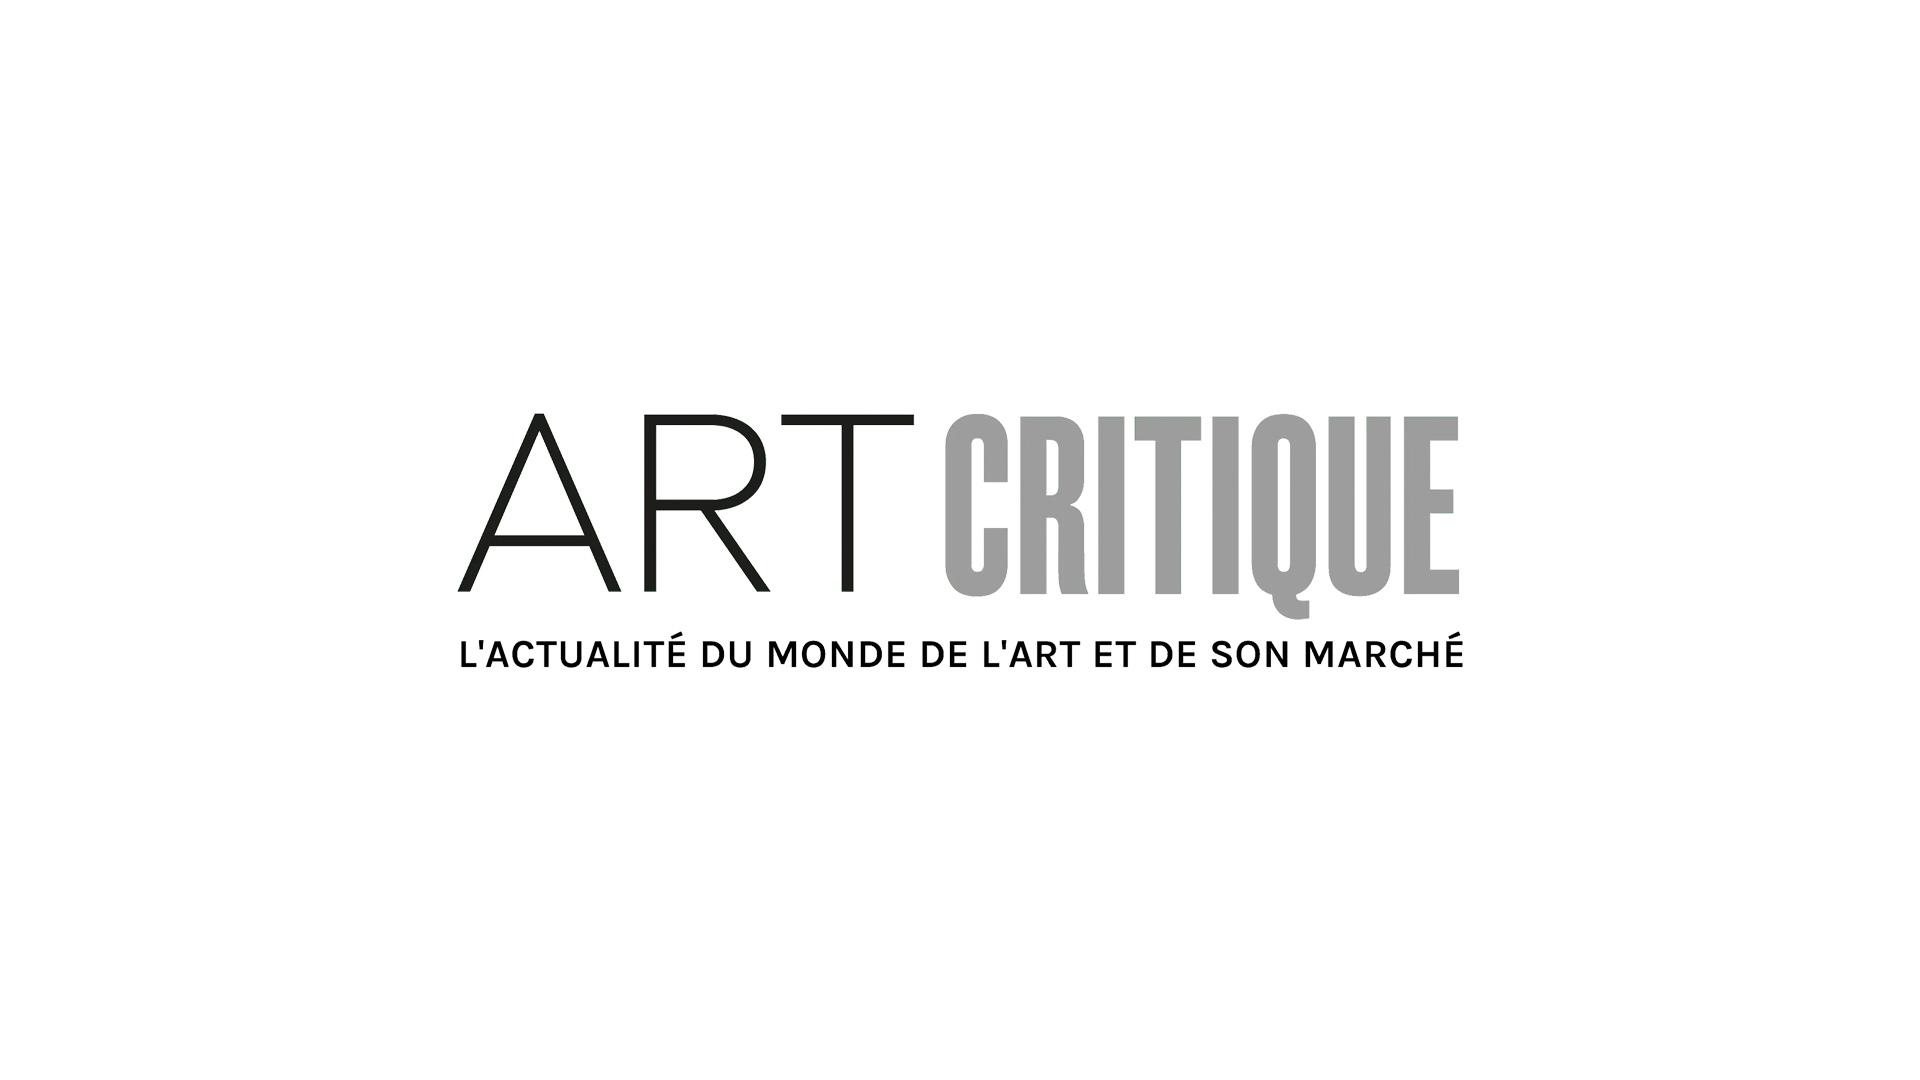 Xavier Rey nommé directeur du Musée national d'Art moderne